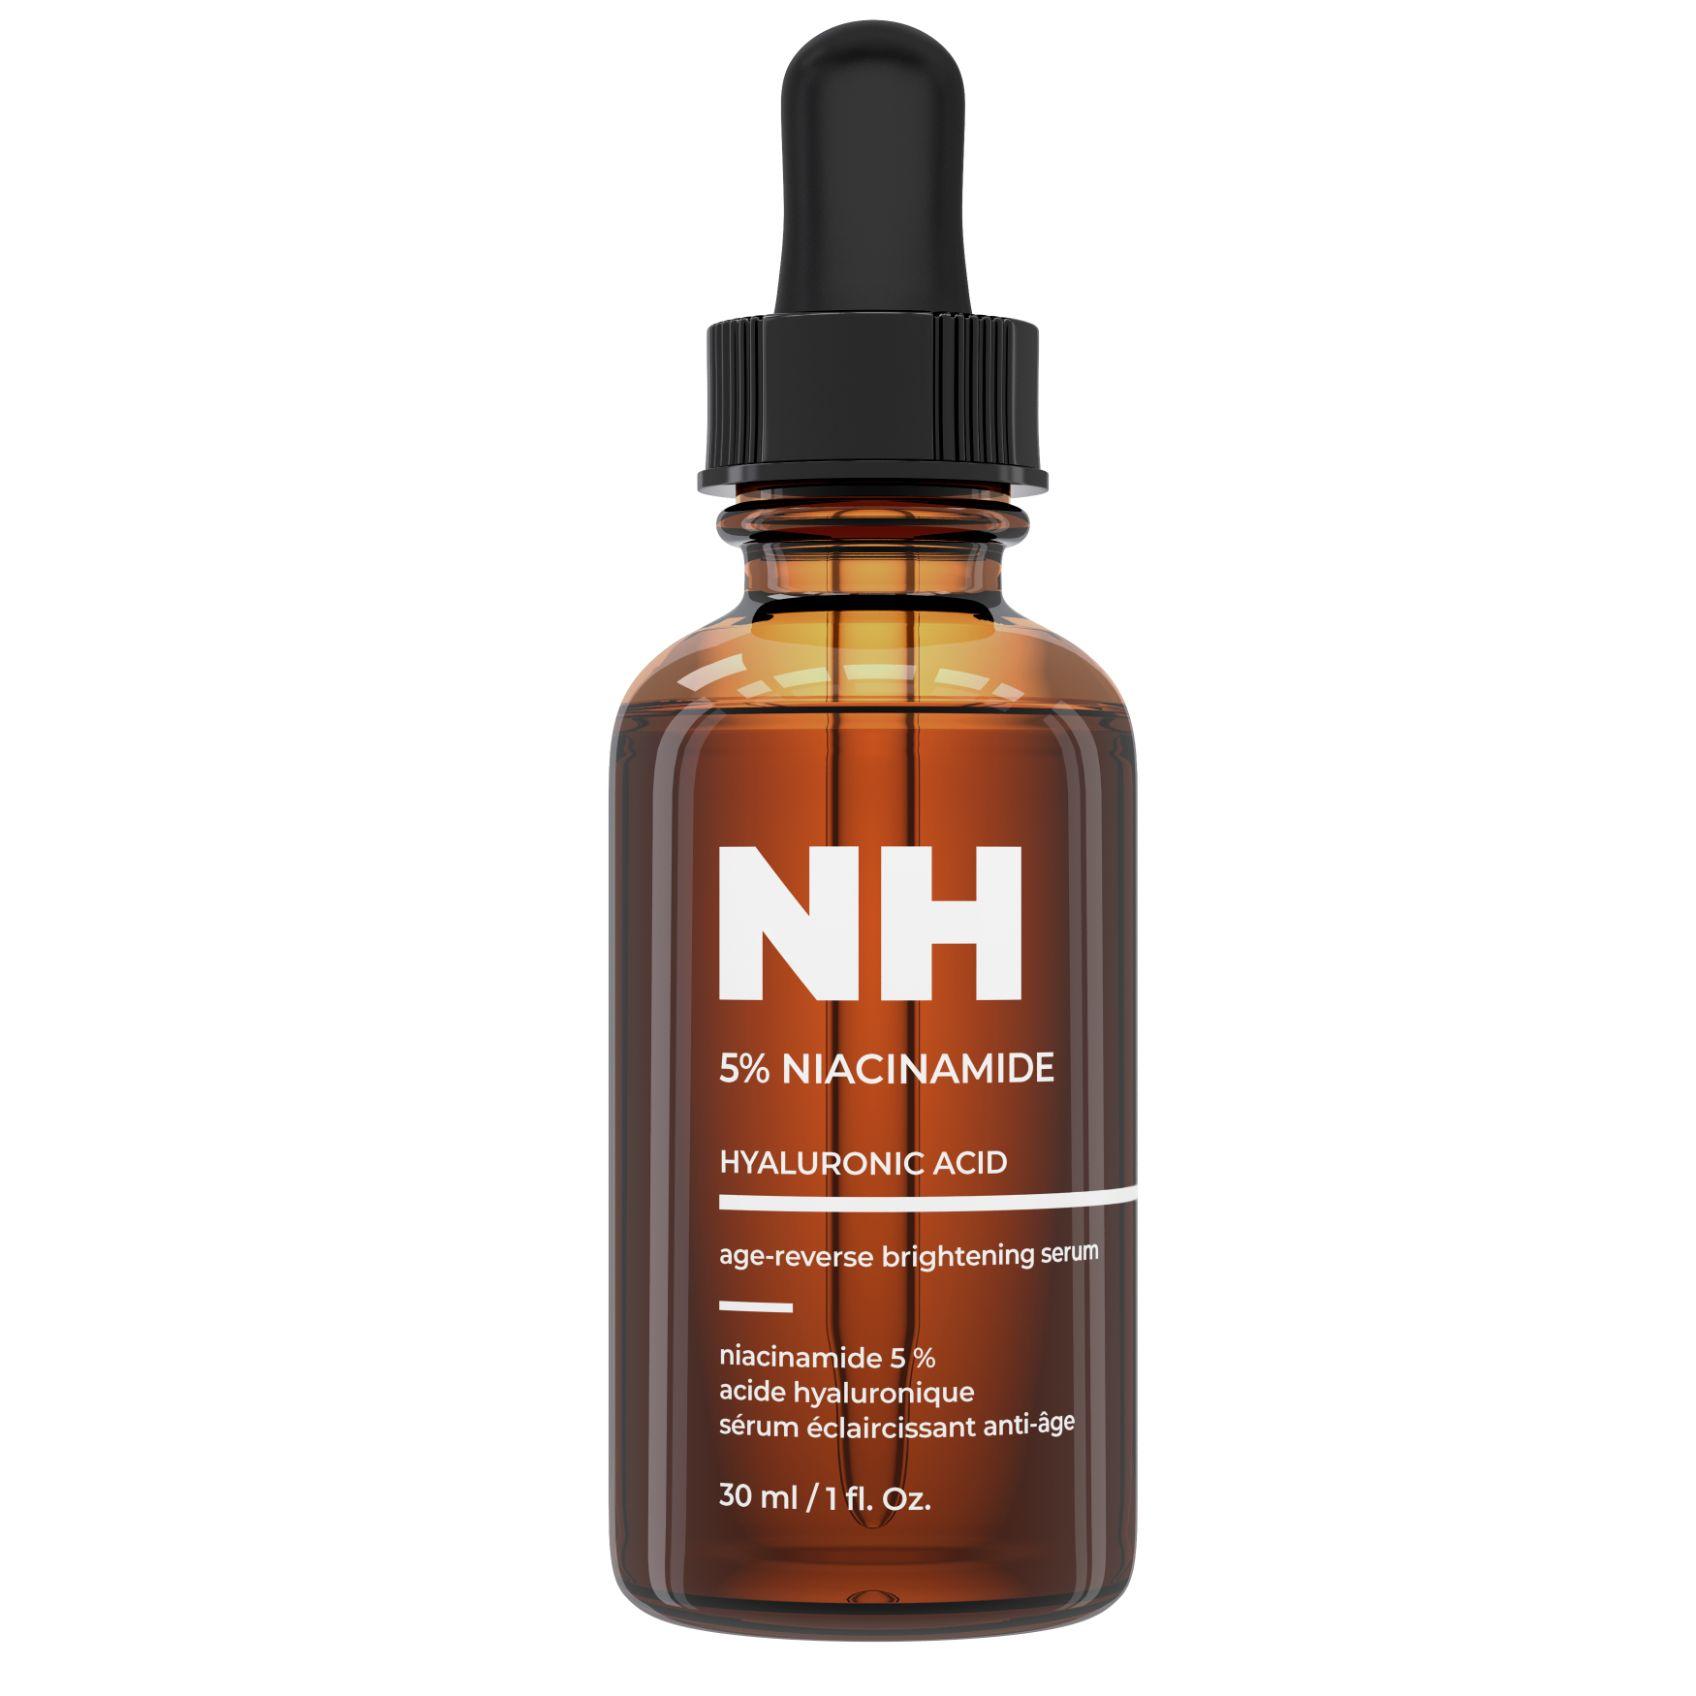 sérum de niacinamide pour éclaircir la peau, anti-âge et contrôle des rides